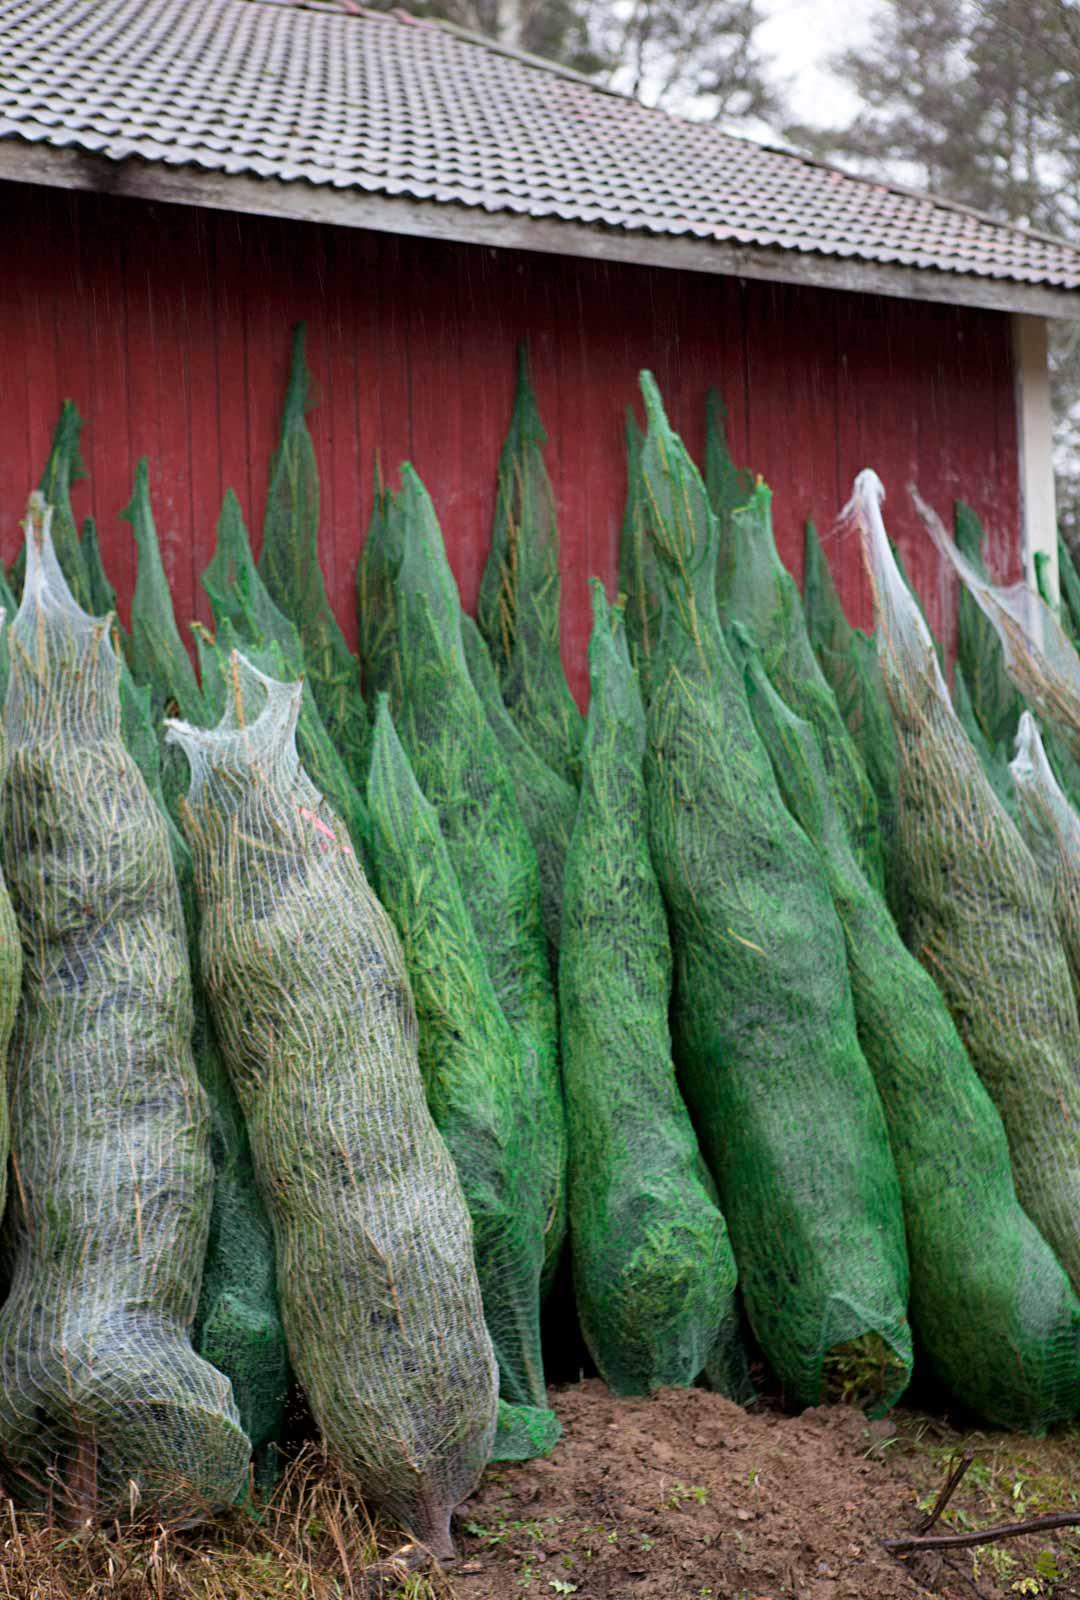 Verkkopussi suojaa kuusta kuljetuksen aikana. Koska kuuset kaadetaan vasta muutama viikko ennen joulua, niiden luvataan pysyvän tuoreina ja hyvännäköisinä pitkään.